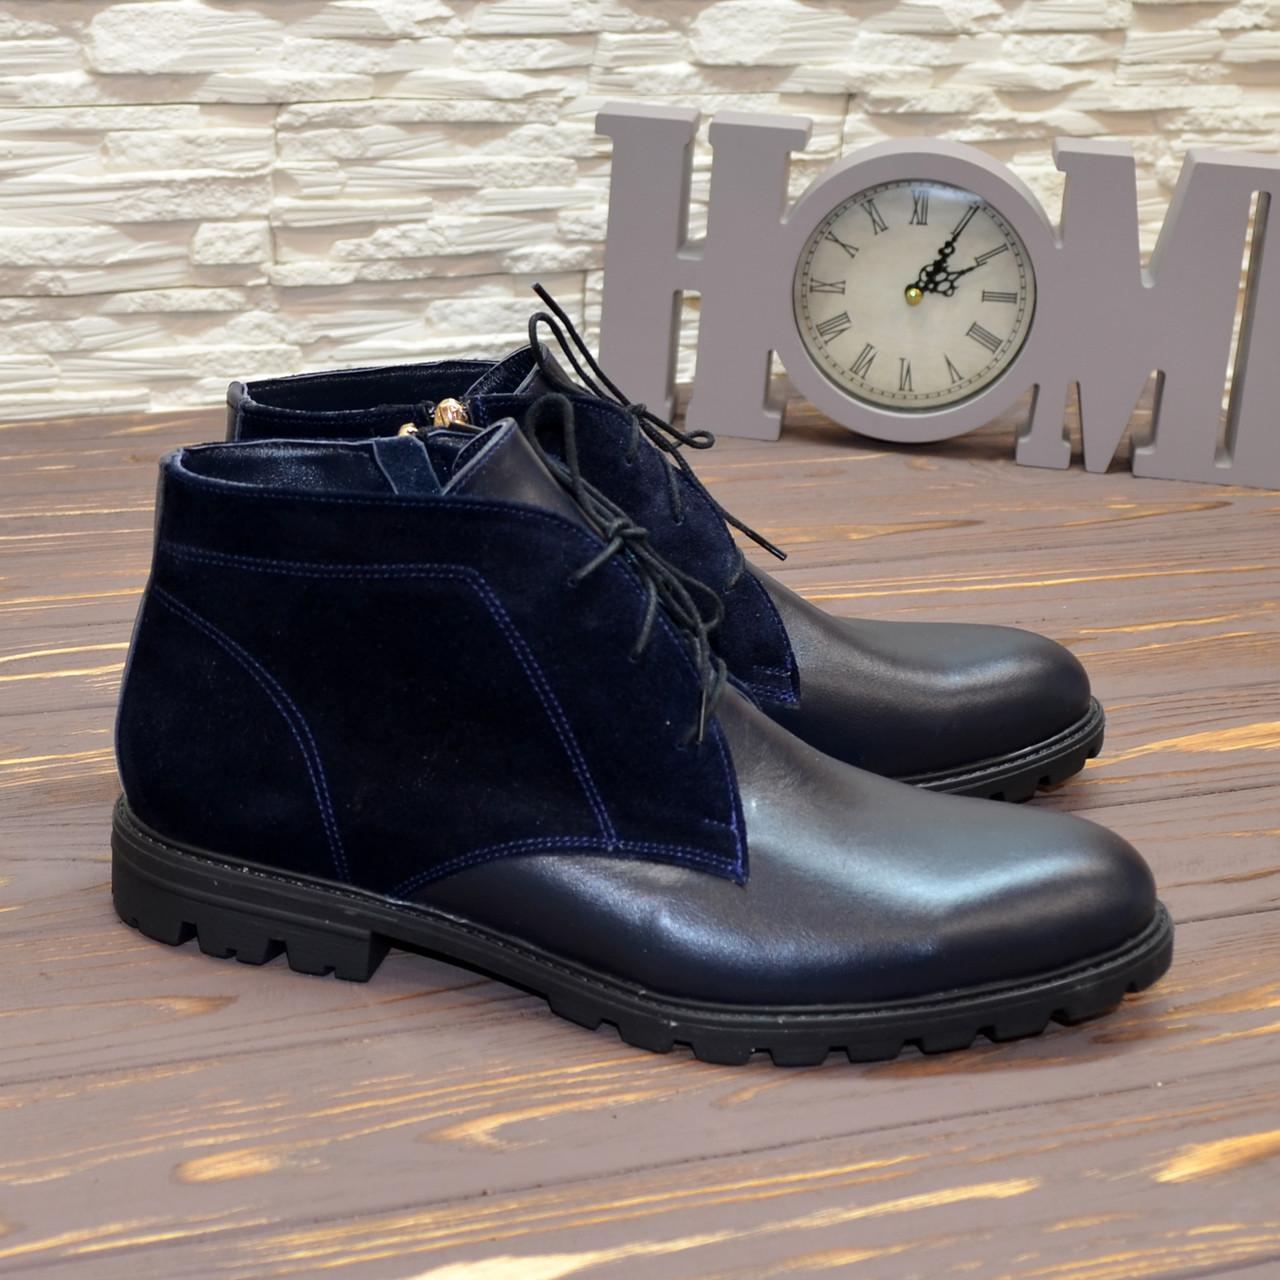 Ботинки мужские комбинированные на шнурках, цвет синий